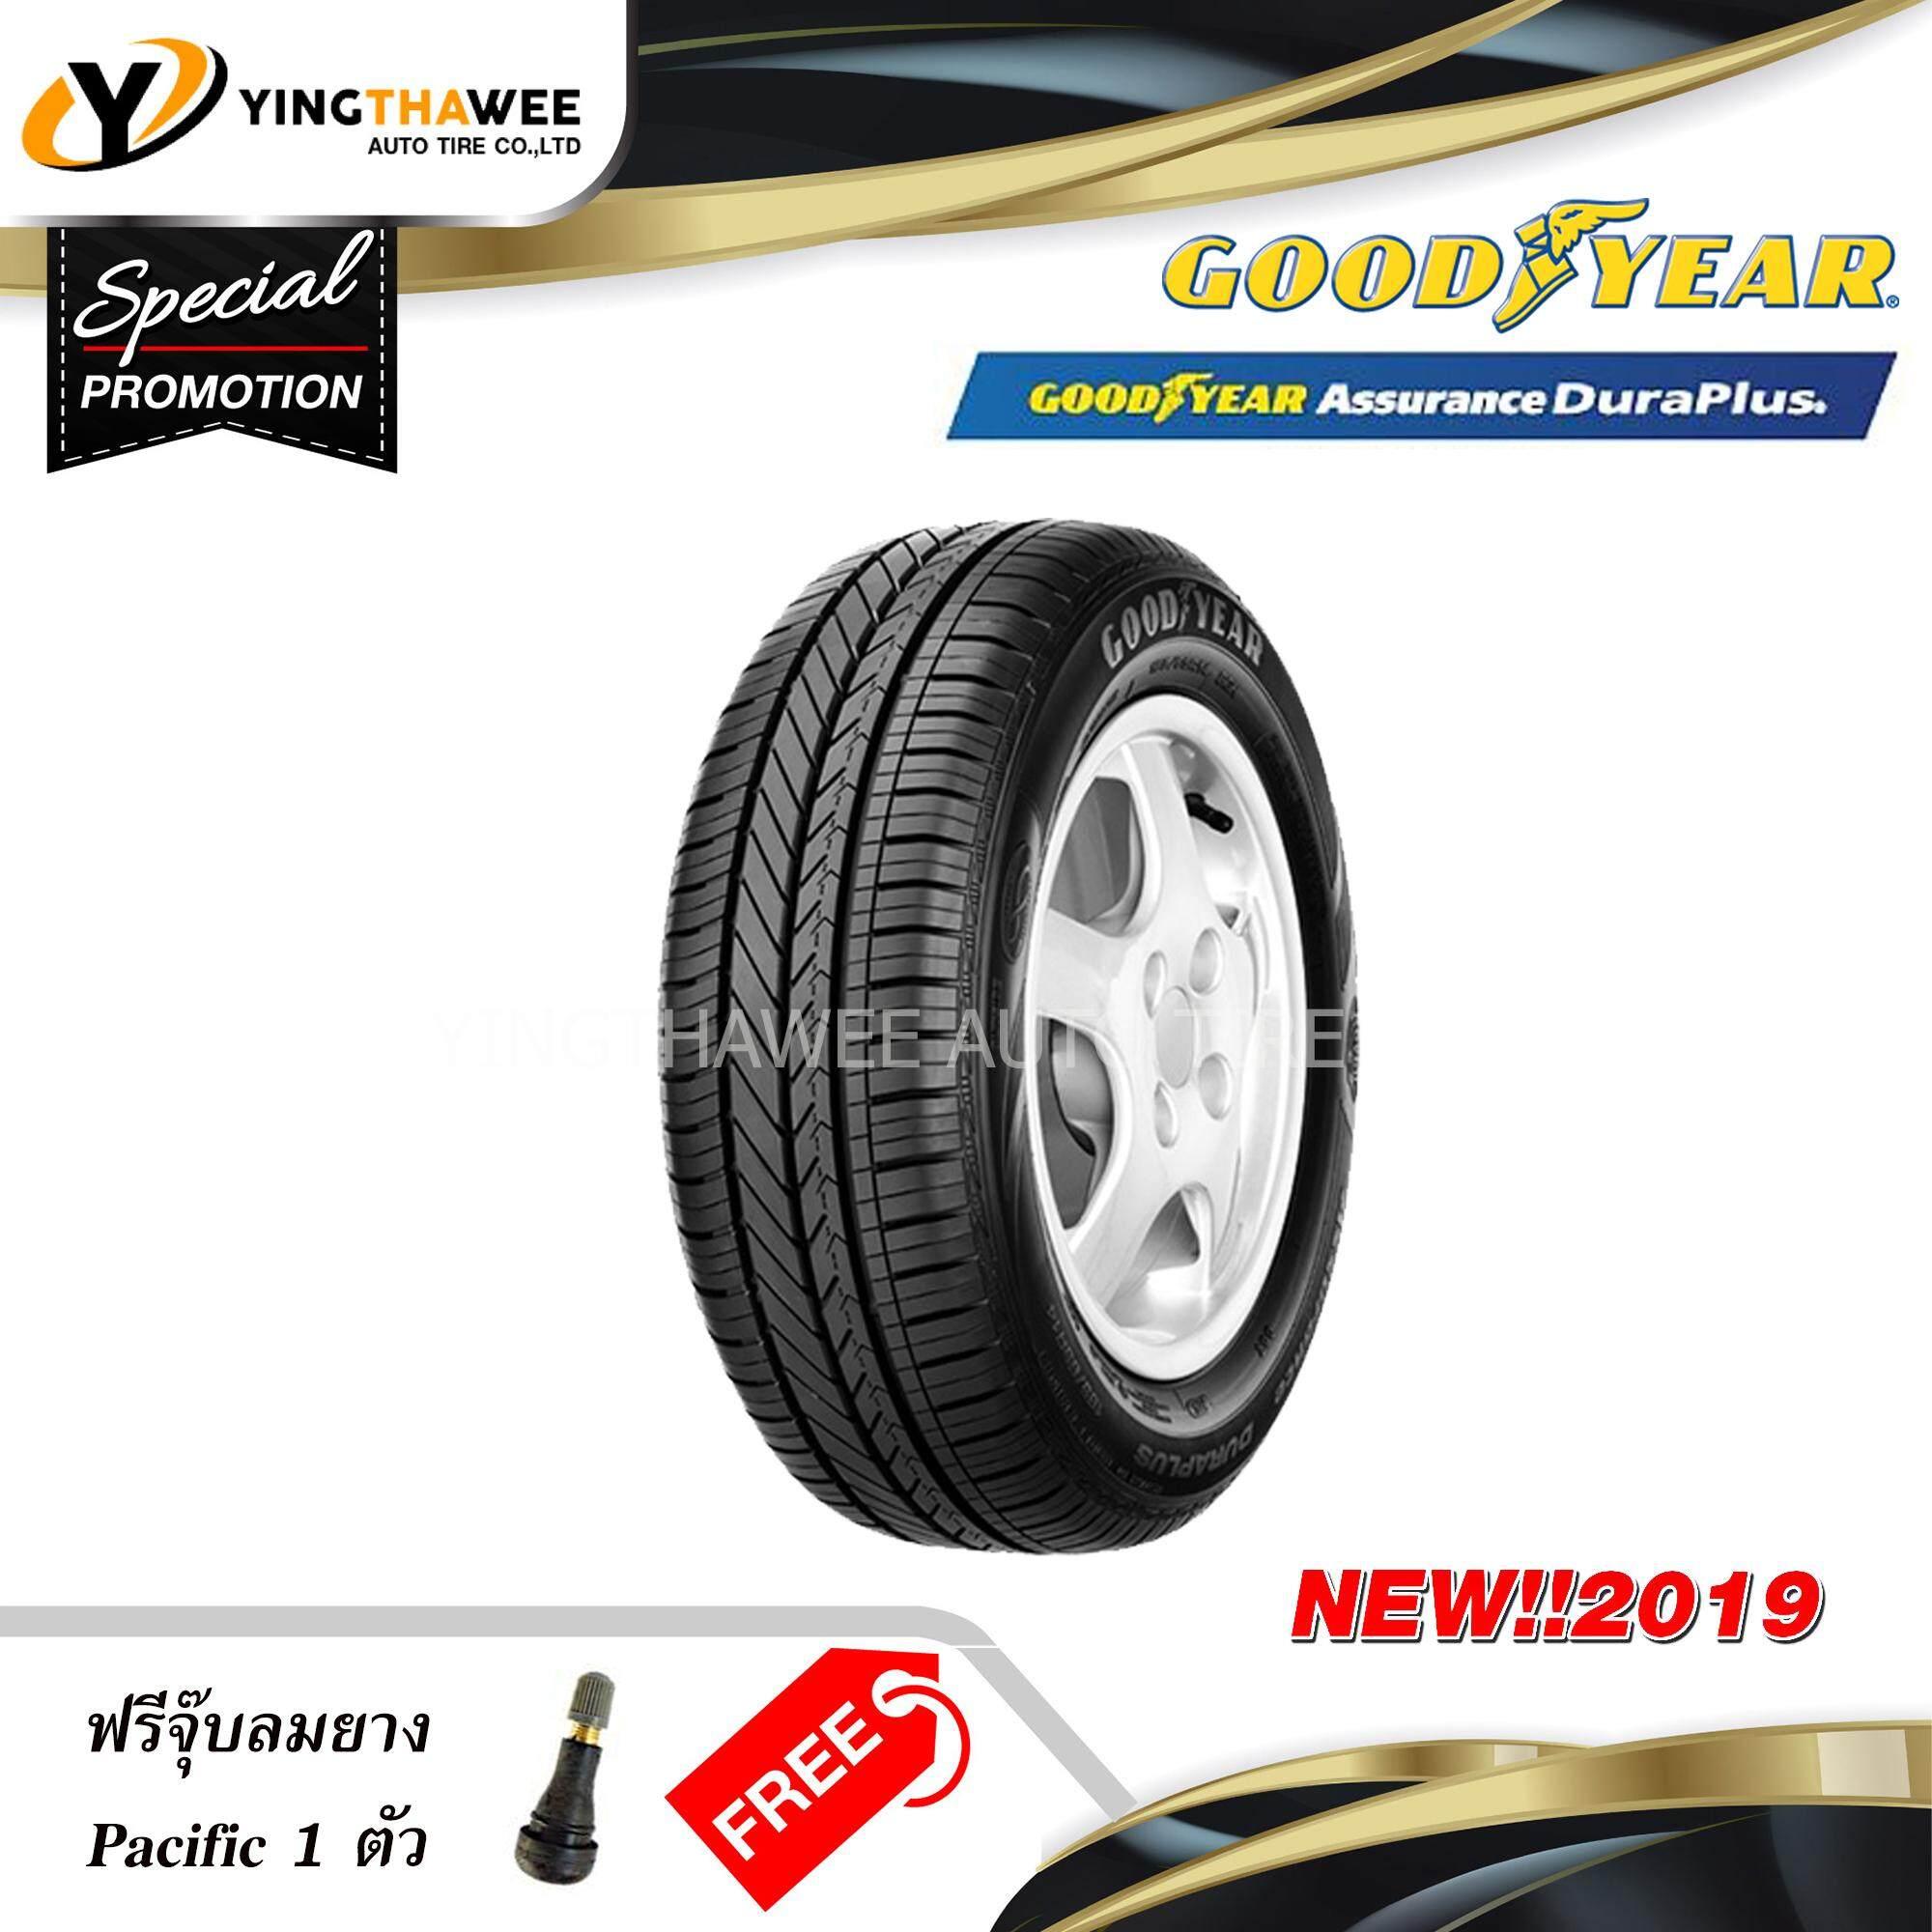 ประกันภัย รถยนต์ ชั้น 3 ราคา ถูก กาญจนบุรี GOODYEAR ยางรถยนต์ 195/55R15 รุ่น Assurance Duraplus  1 เส้น (ปี 2019) แถมจุ๊บลมยางหัวทองเหลือง 1 ตัว